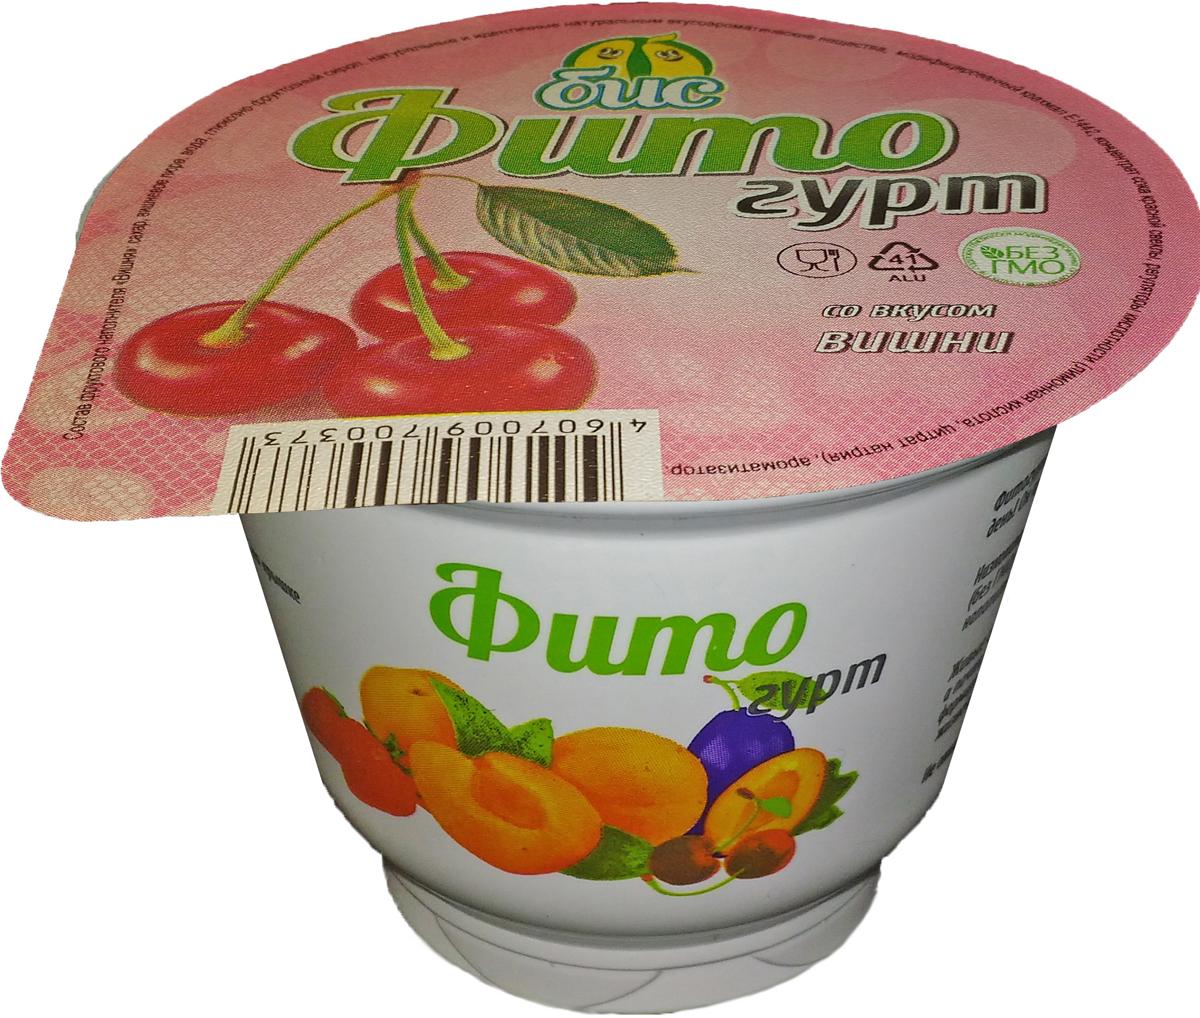 Боб и Соя Фитогурт с Вишней, соевый 2%, 200 г4607009700373Натуральный соевый йогурт с натуральными фруктово-ягодными наполнителями содержит полезные молочнокислые организмы, подходит для диетического и постного питания.